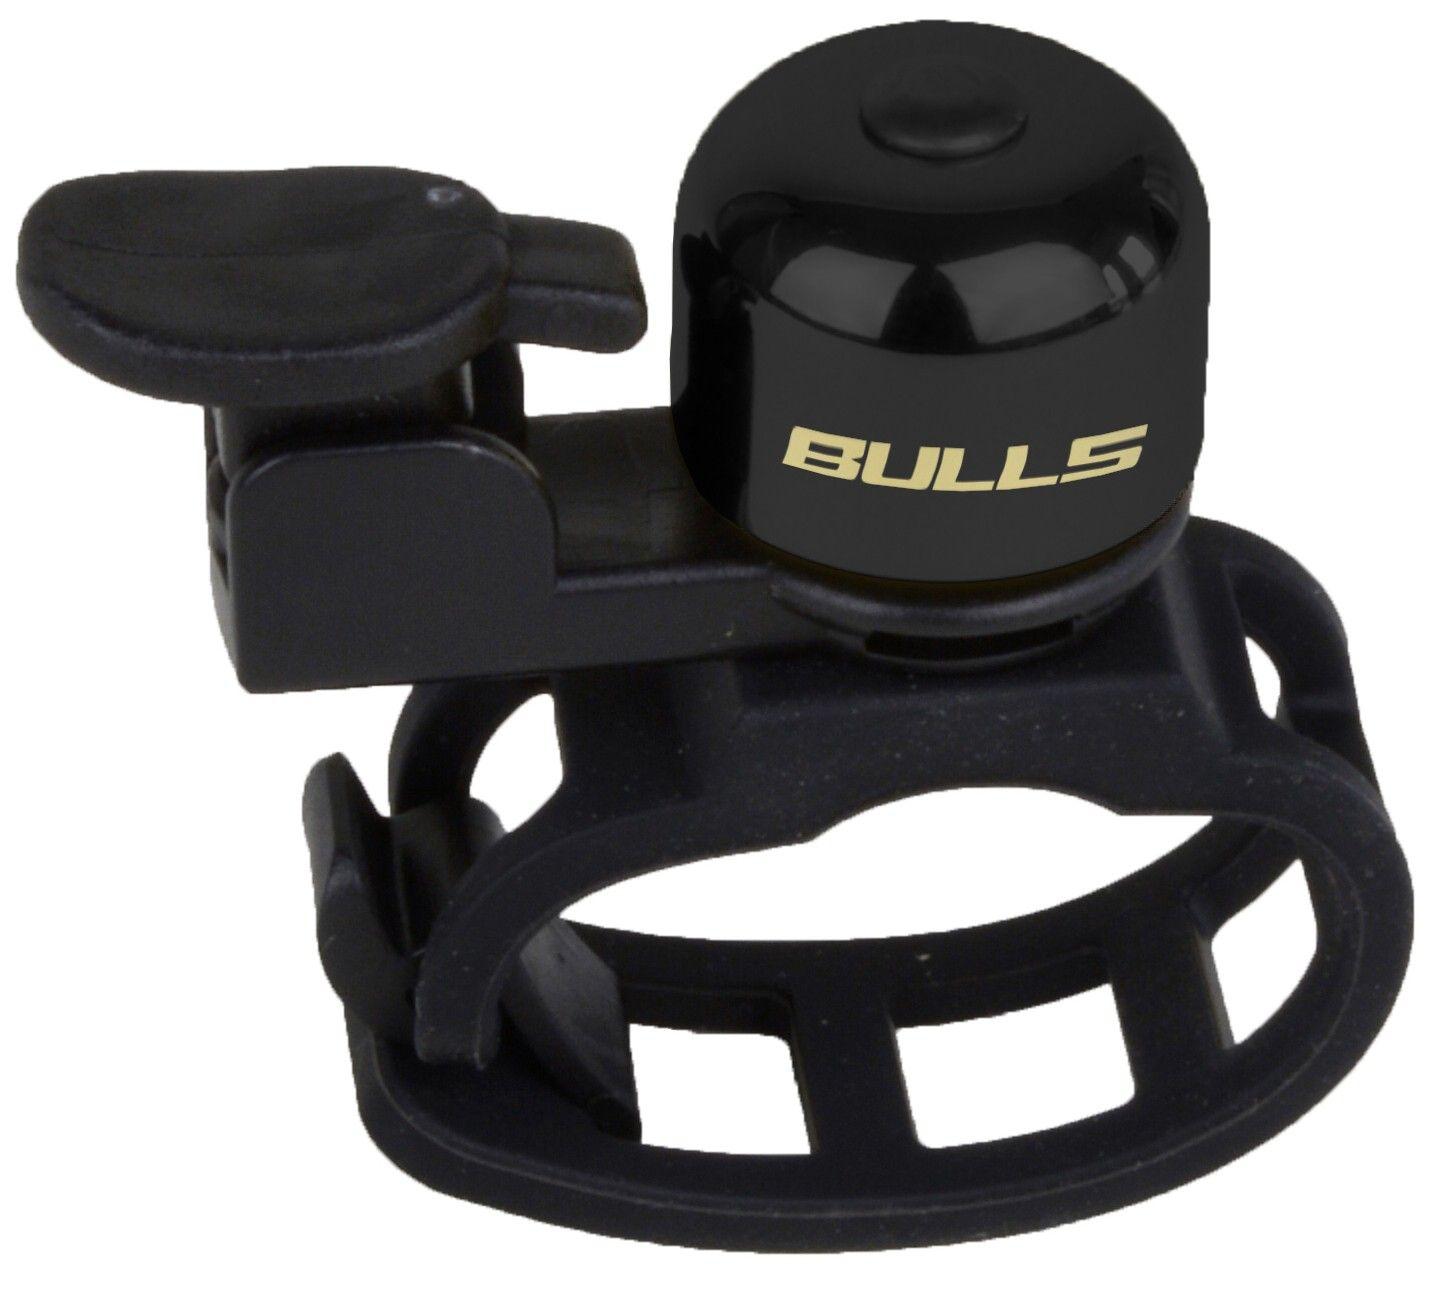 Bulls Glocke mit Schnellbefestigung Mini schwarz